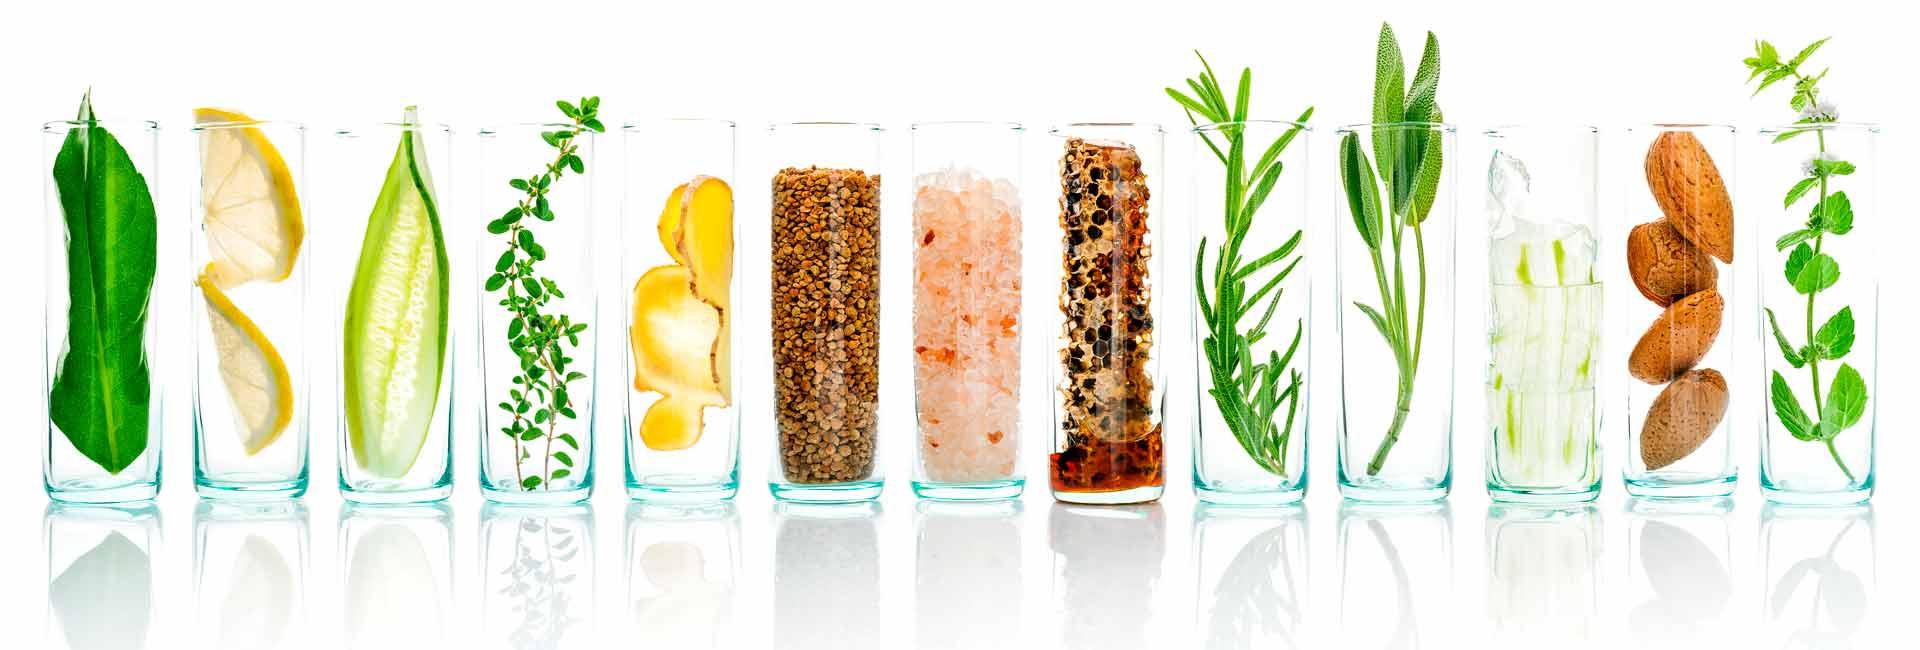 Componentes naturales para la realización de cosmeticos y productos para la higiene con marca blanca